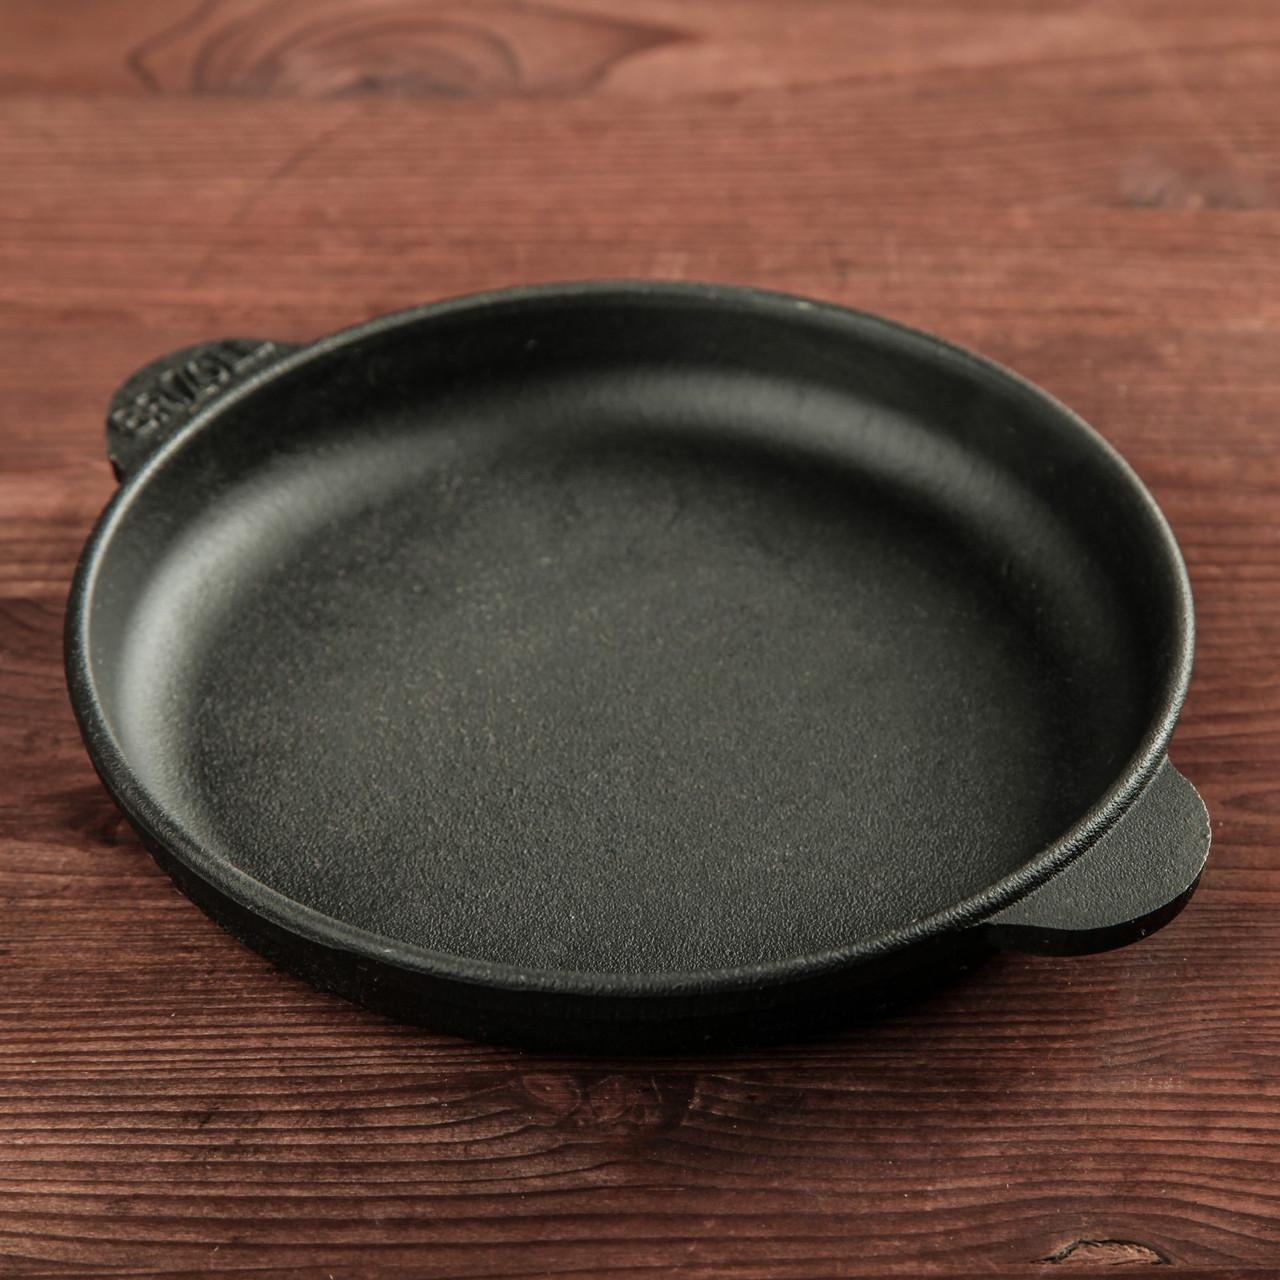 Сковорода порционная чугунная HoReCa Brizoll Бризоль140х25 мм диаметр 14 см  650 грамм H1425